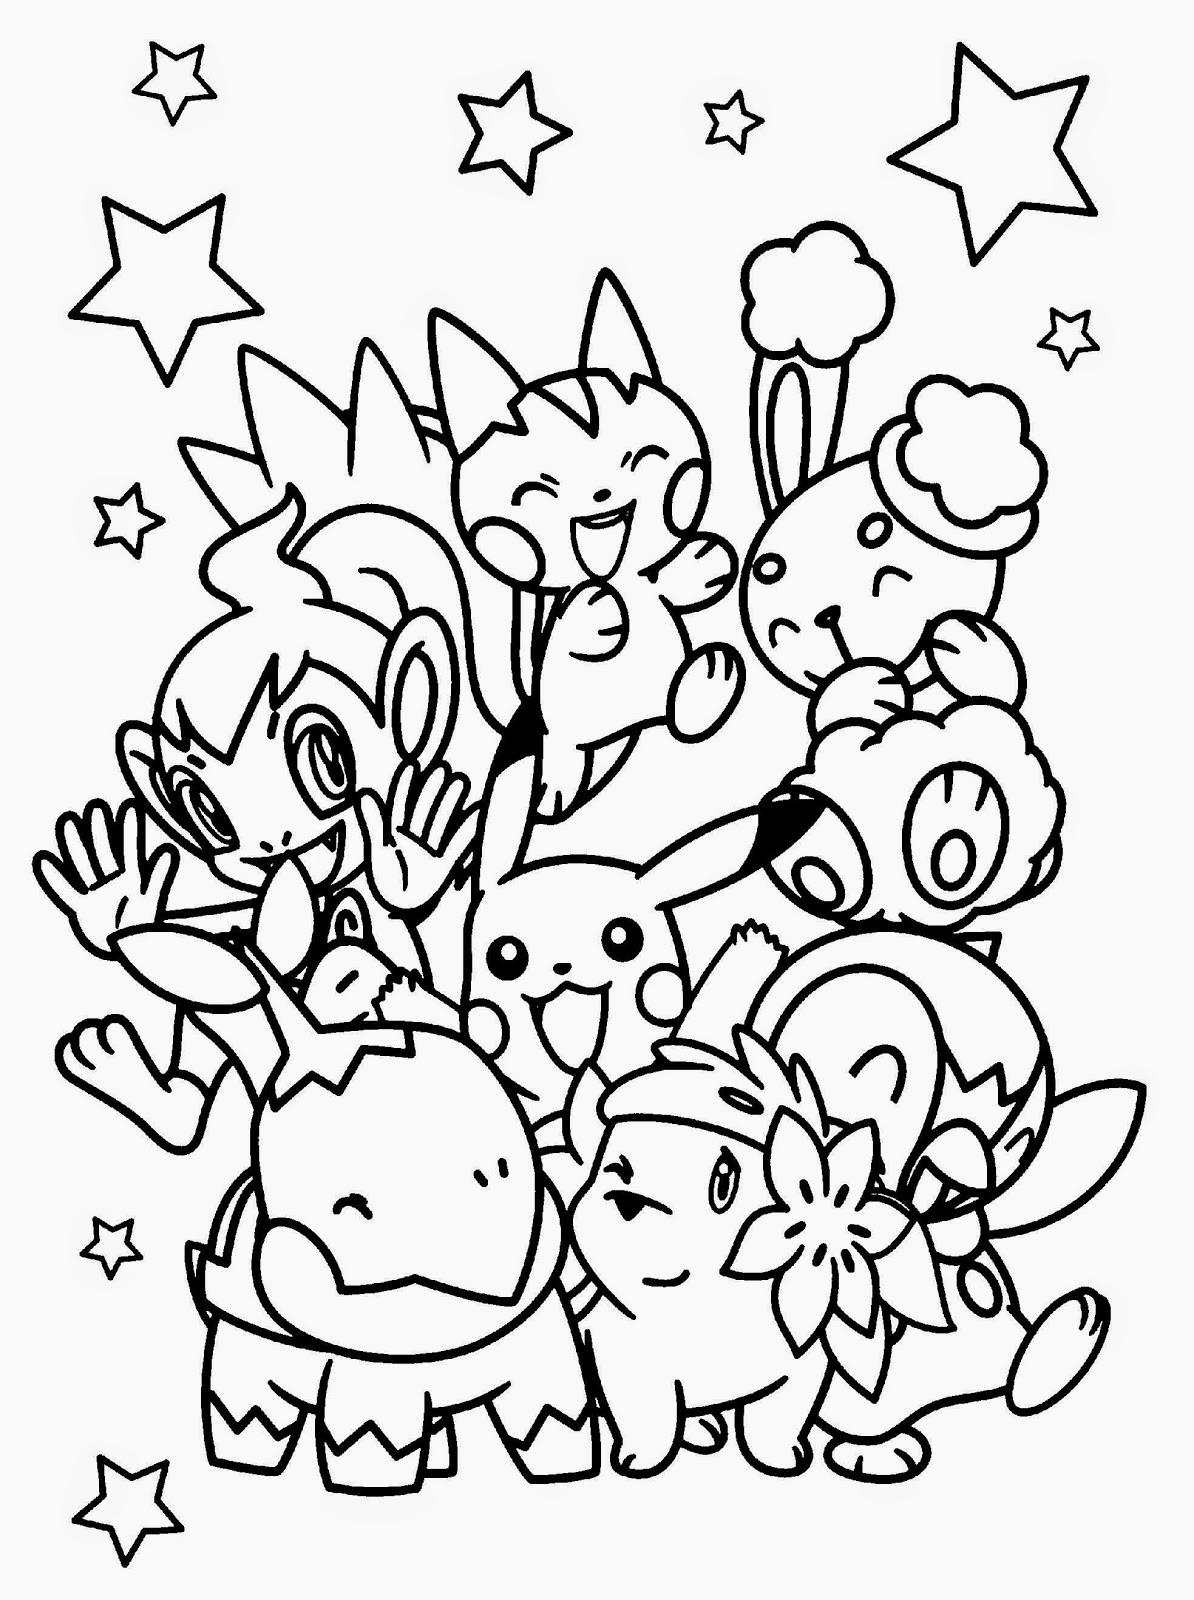 Pokemon Coloring Sheet | Free Coloring Sheet